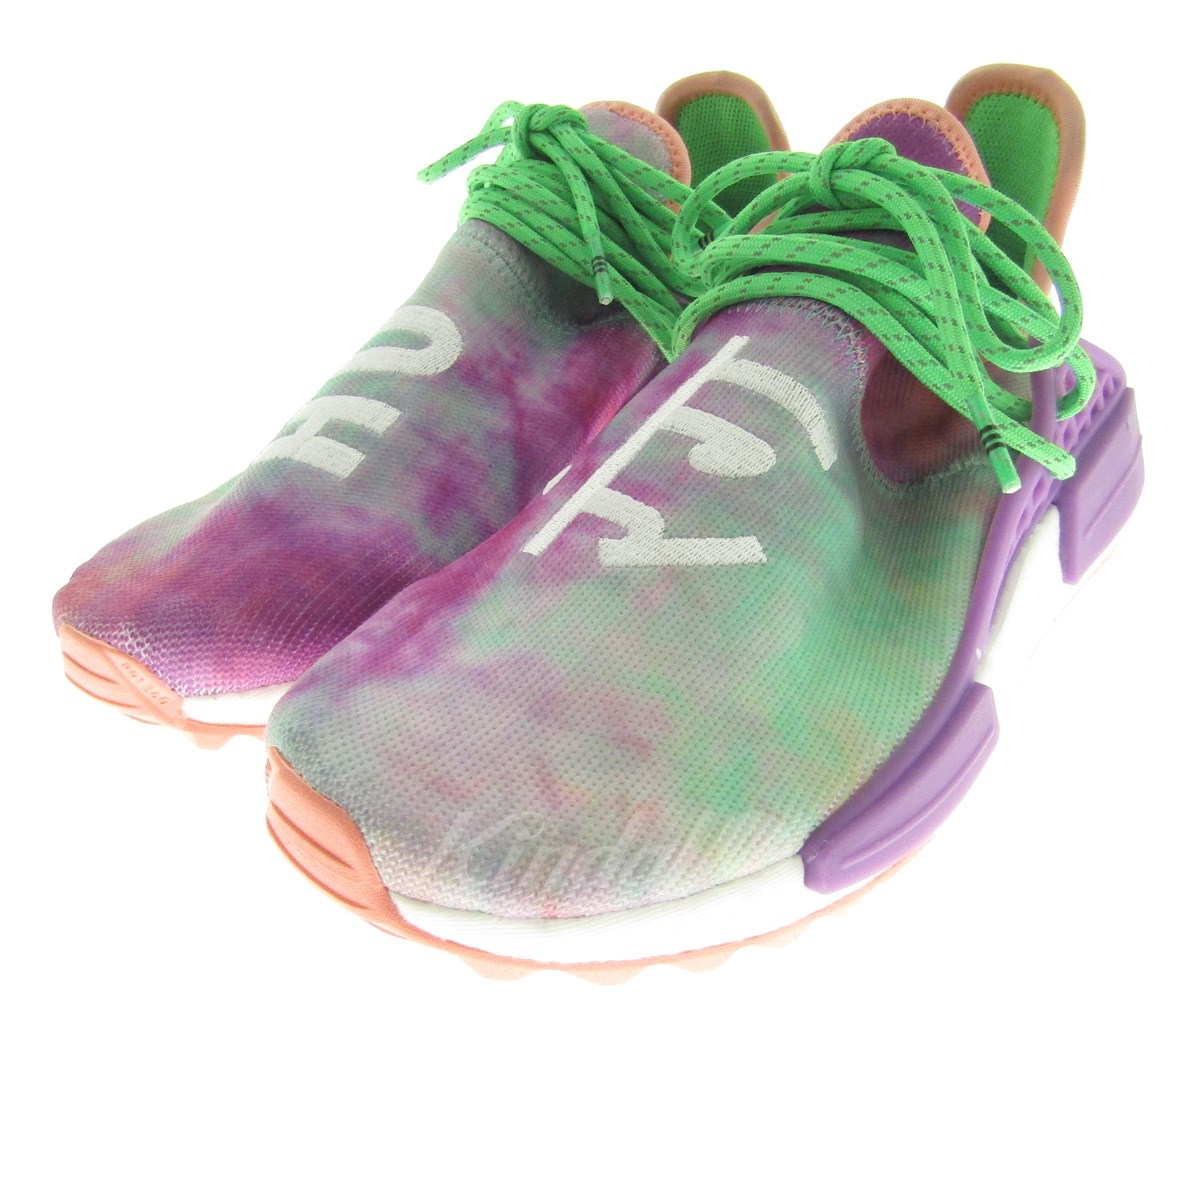 【中古】adidas originals × Pharrell Williams PW HU HOLI NMD MC スニーカー 【送料無料】 【006844】 【KIND1550】